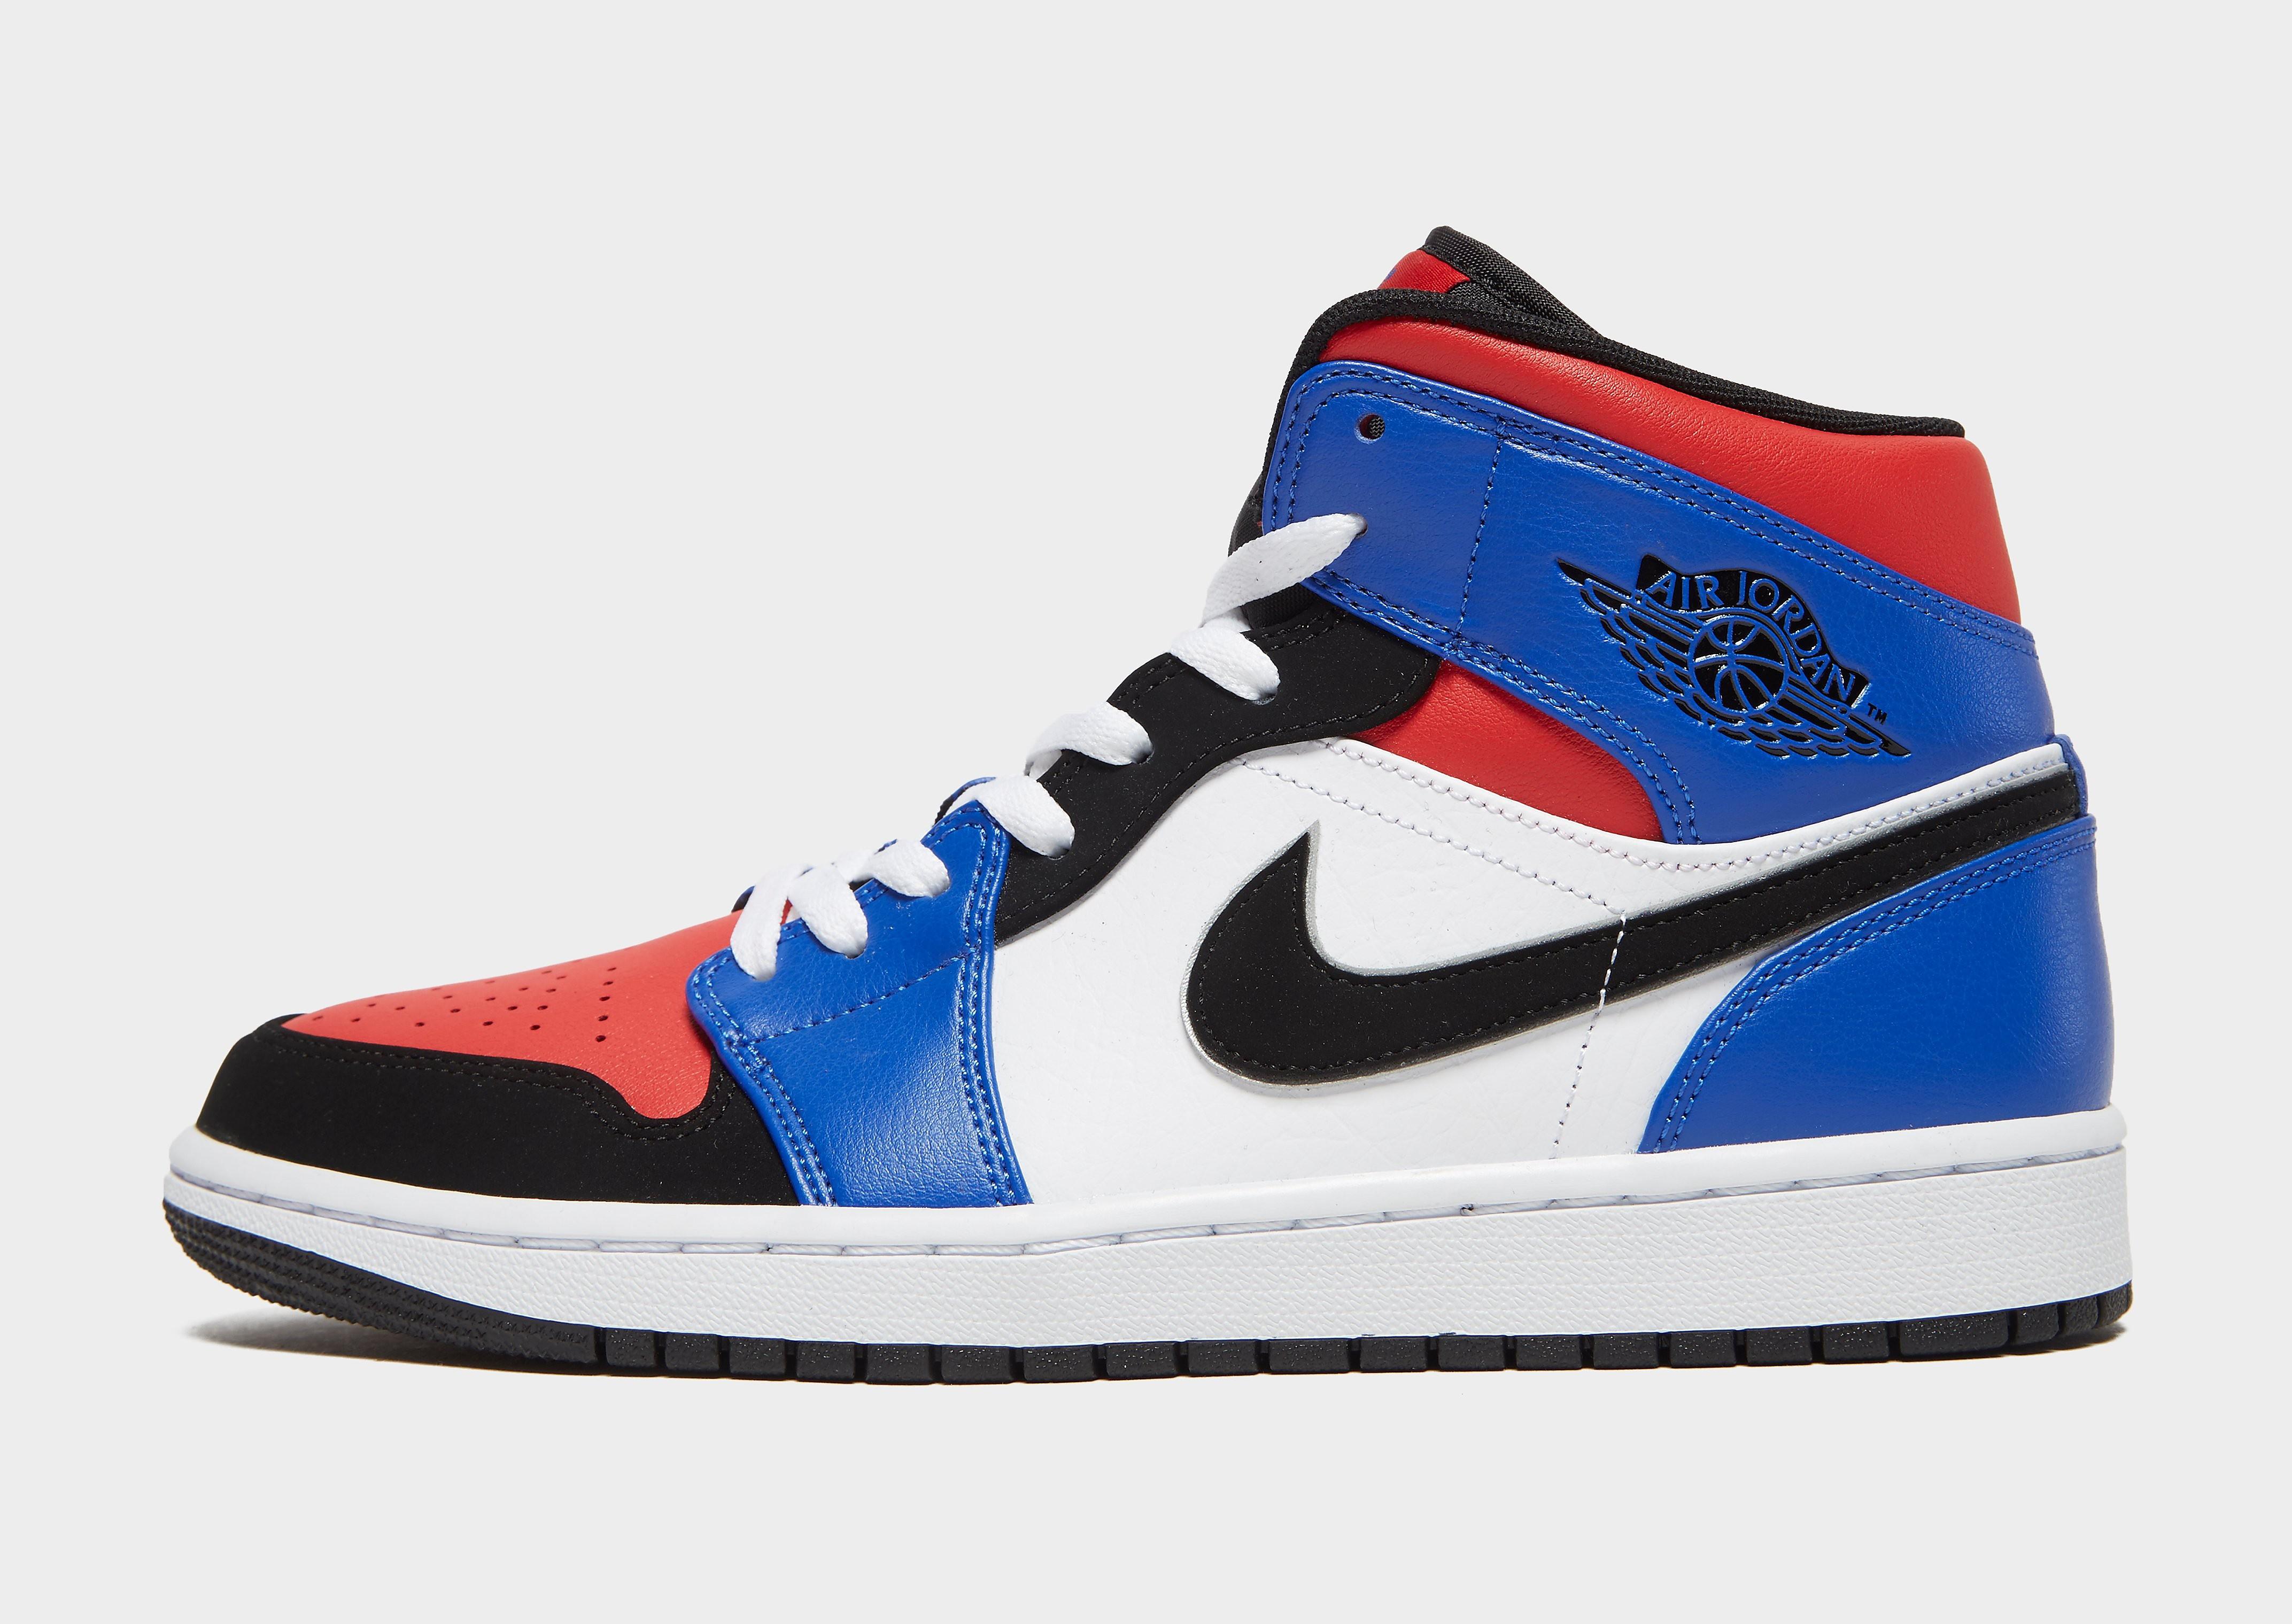 Jordan herensneaker rood, zwart en blauw